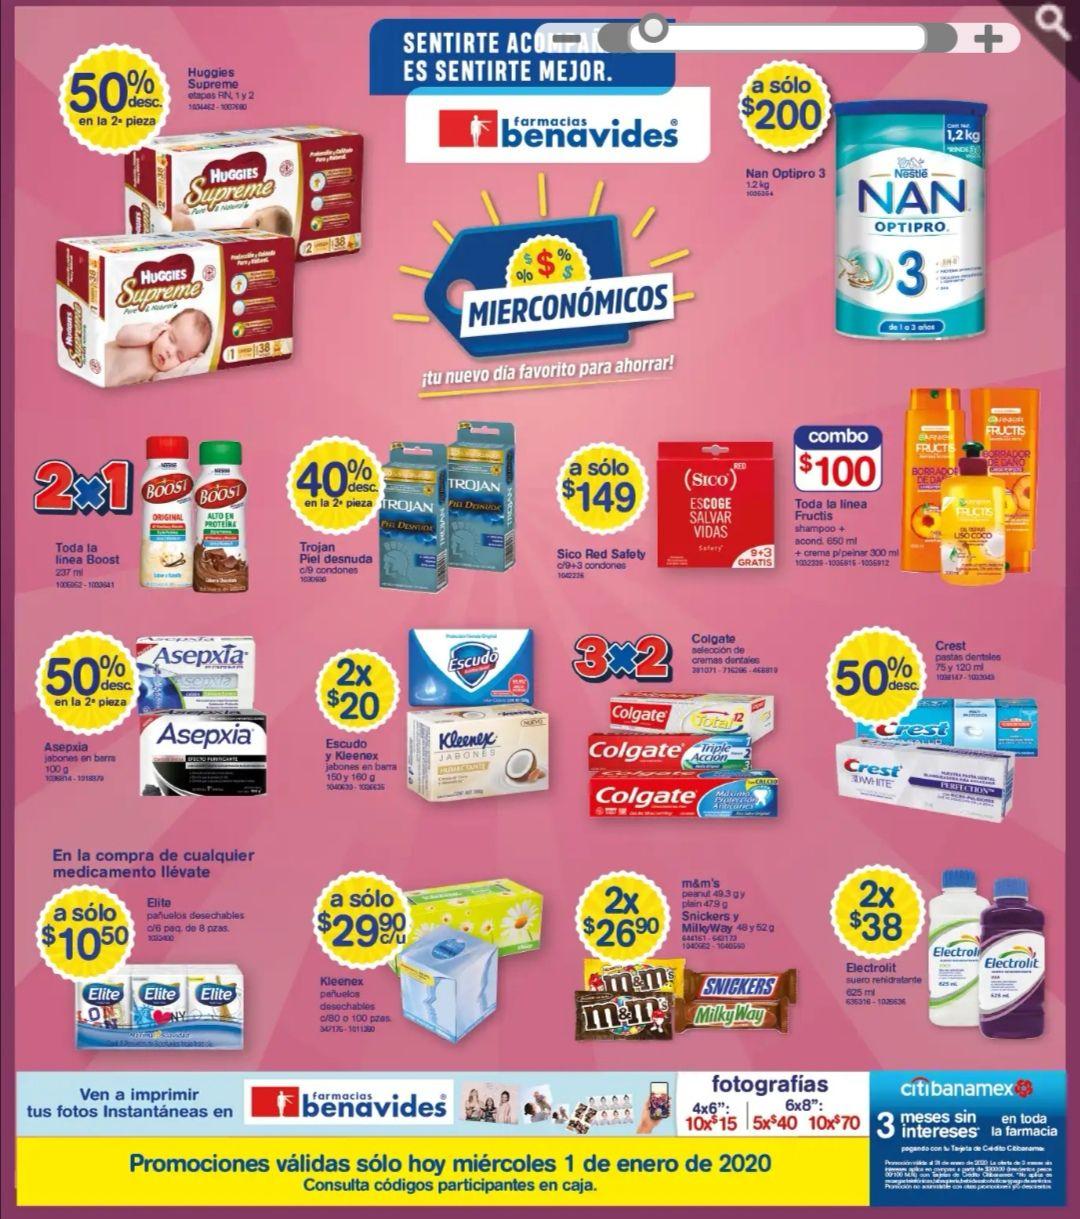 Farmacias Benavides: Mierconómicos 1 de Enero